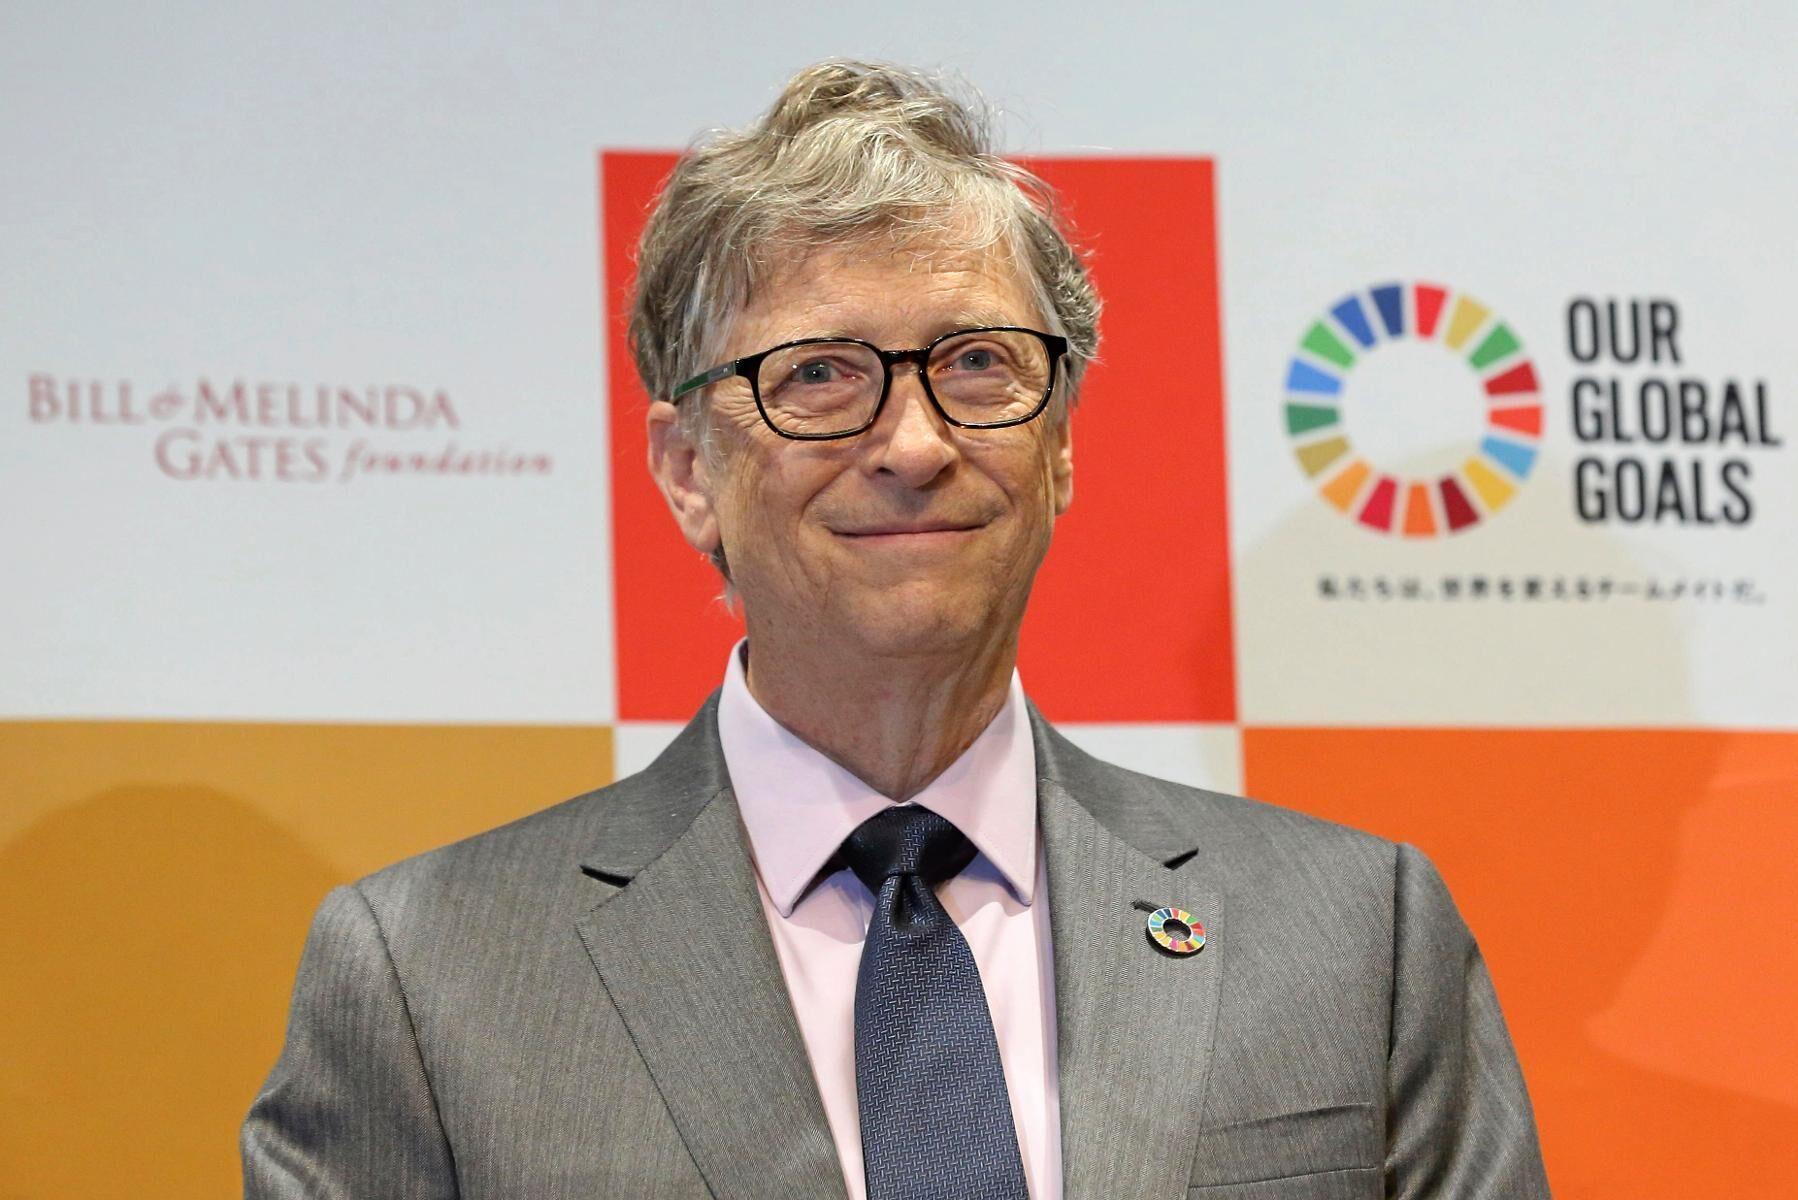 På sin blogg skriver Bill Gates om ett besök på en jättelik lageranläggning för mineralgödsel byggd av norska Yara i Tanzanias tidigare huvudstad Dar es-Salaam.